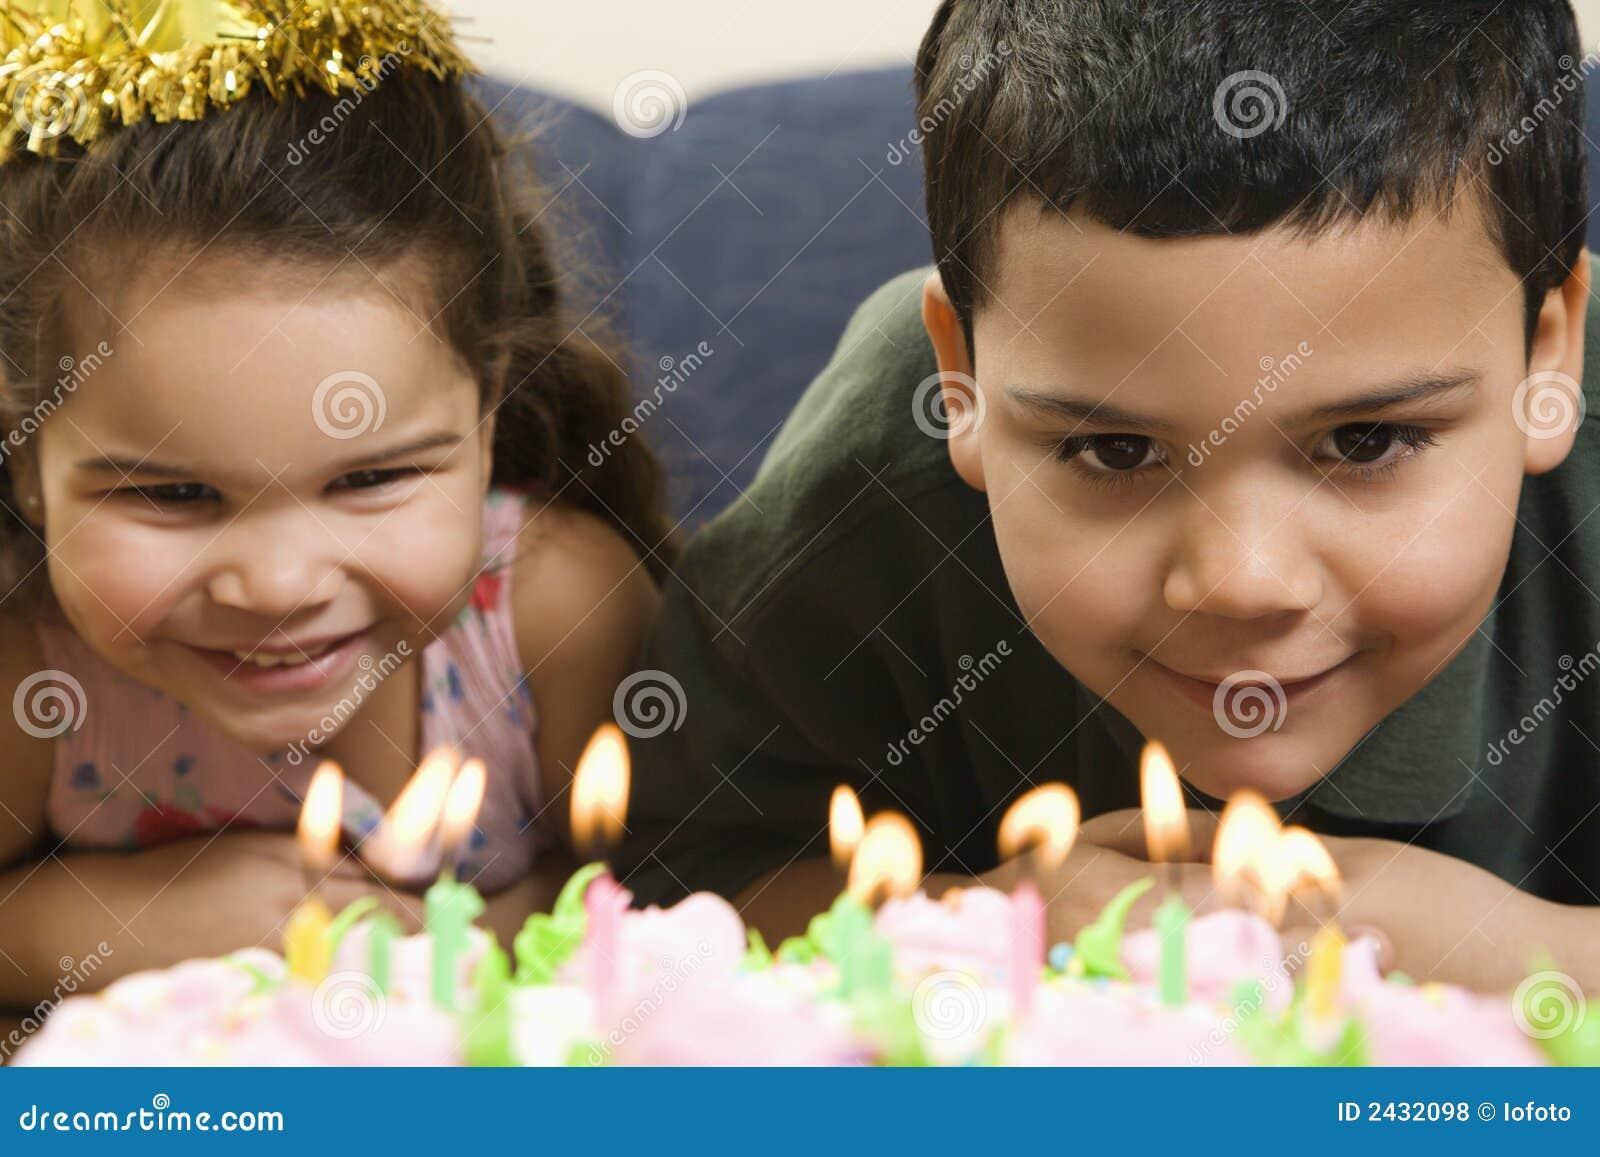 Kids and birthday cake.